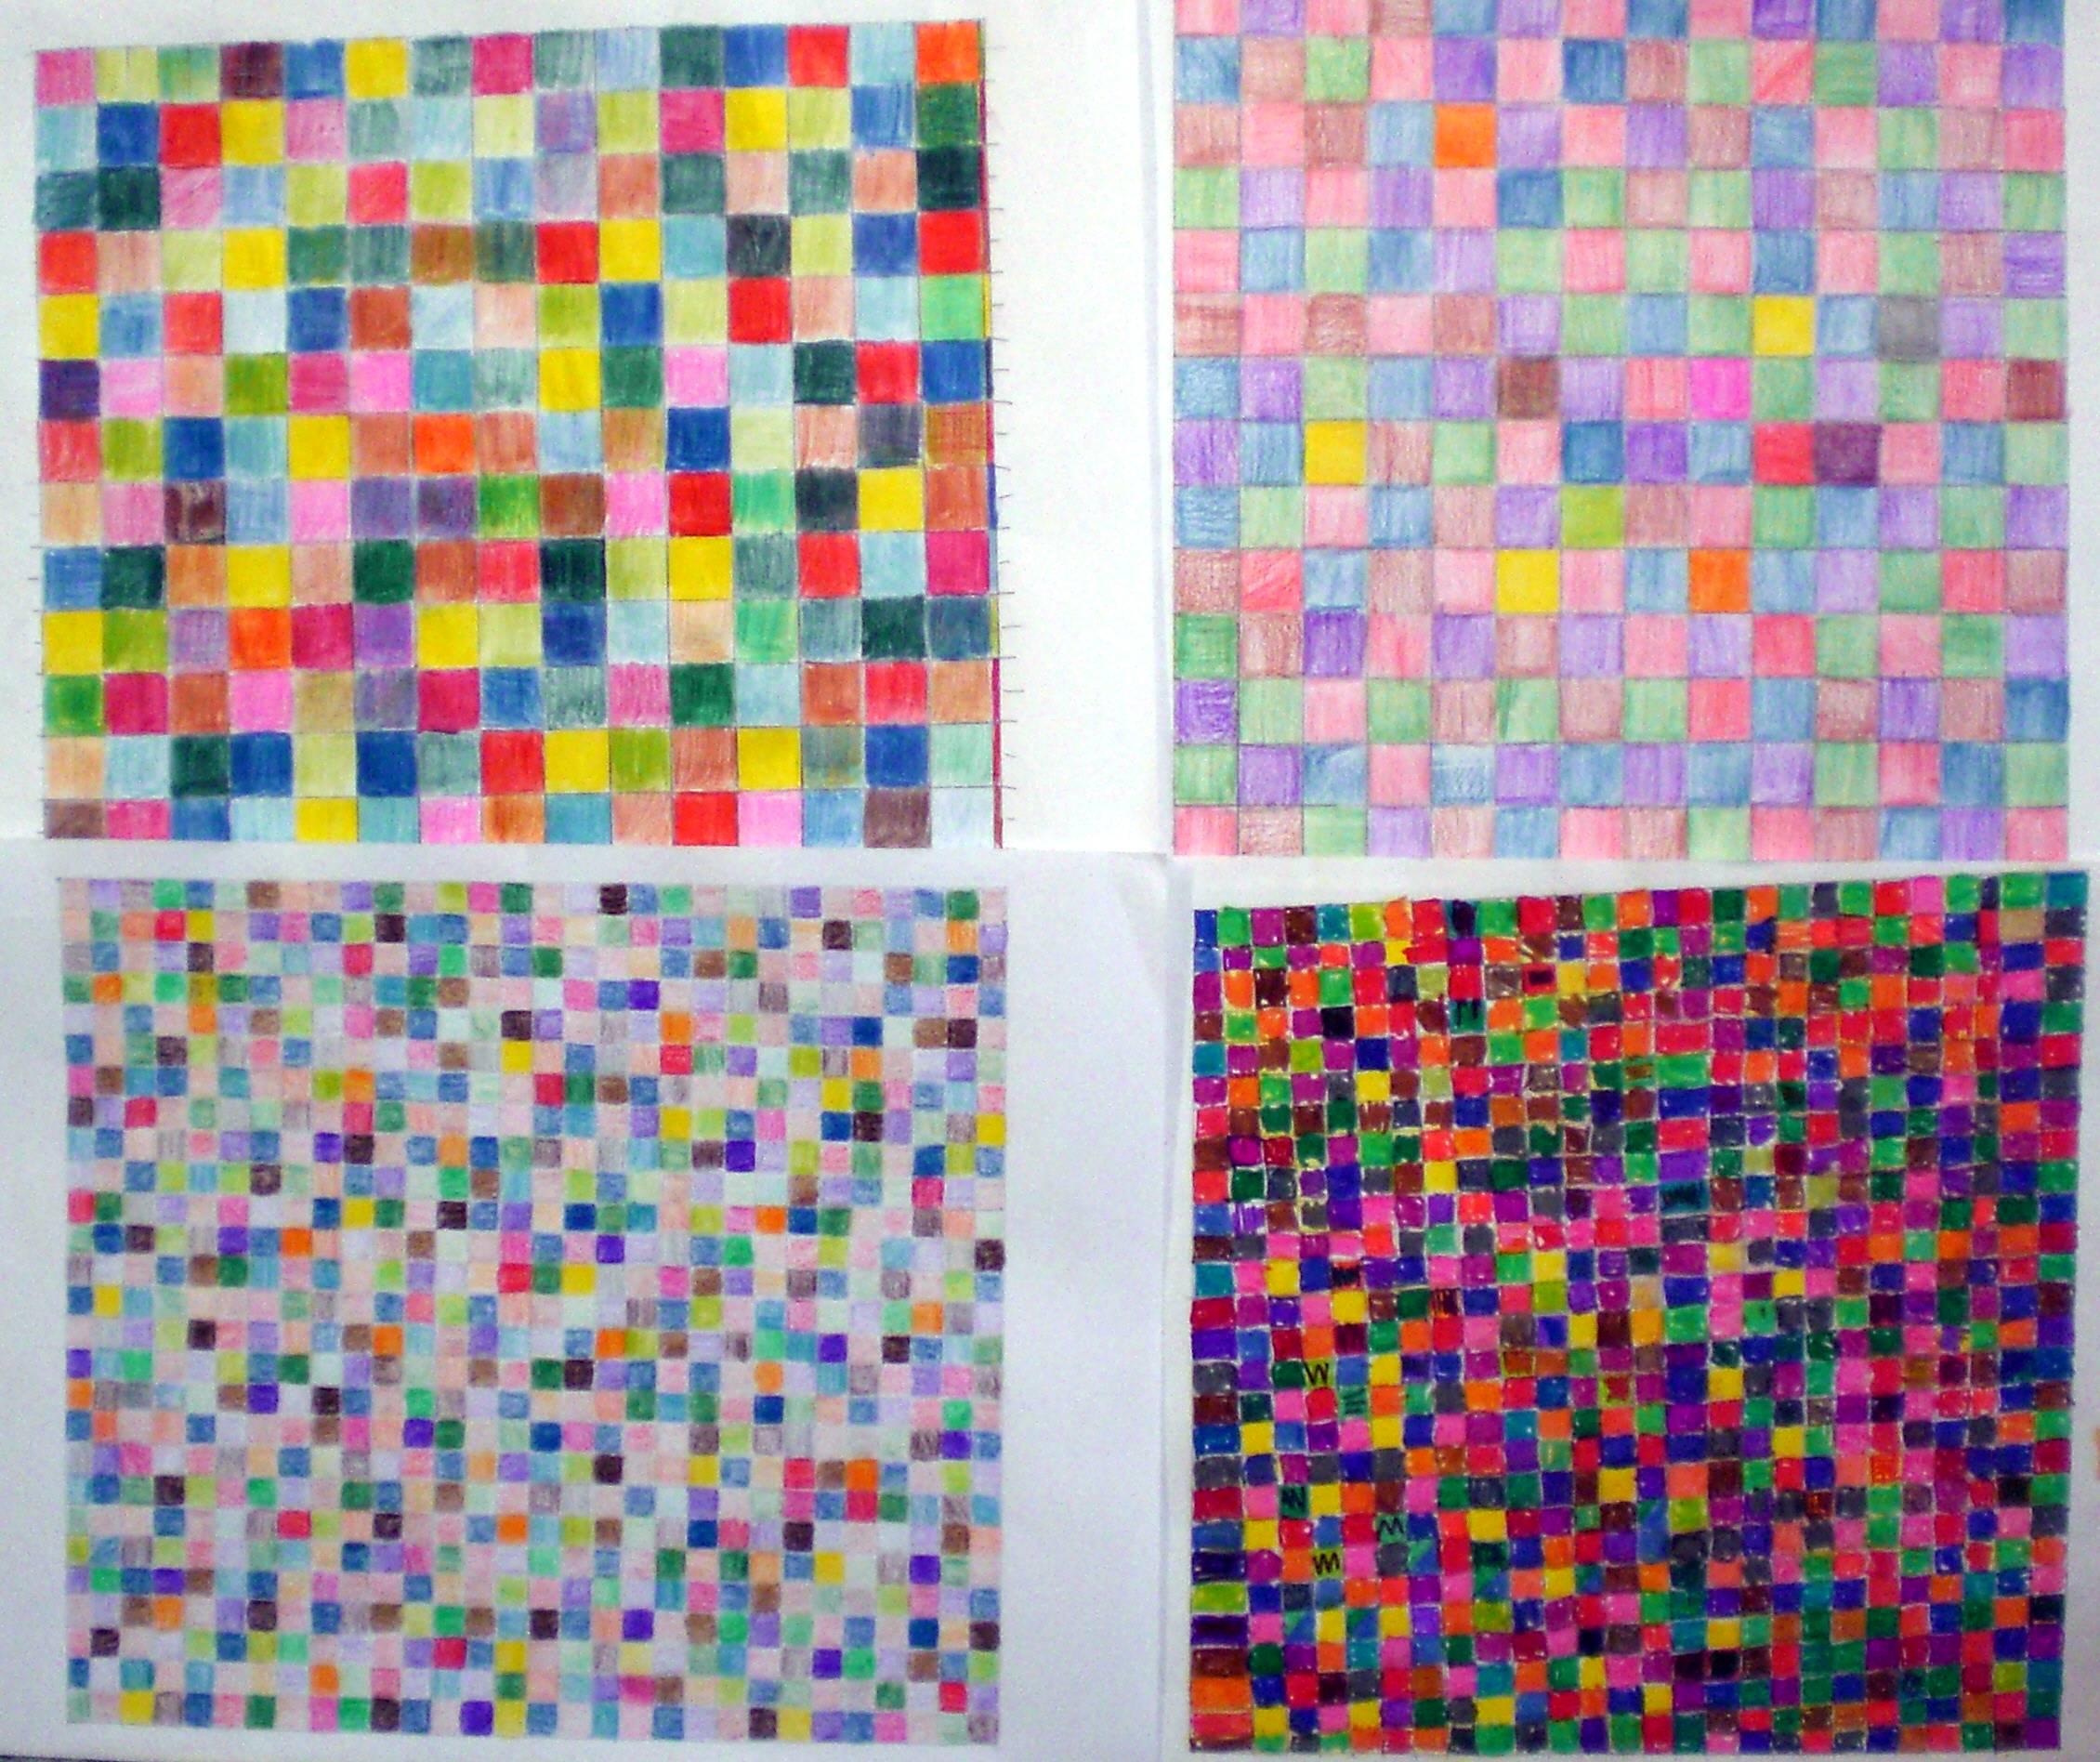 Farbe Nach Streichen Fleckig: Farbe 4